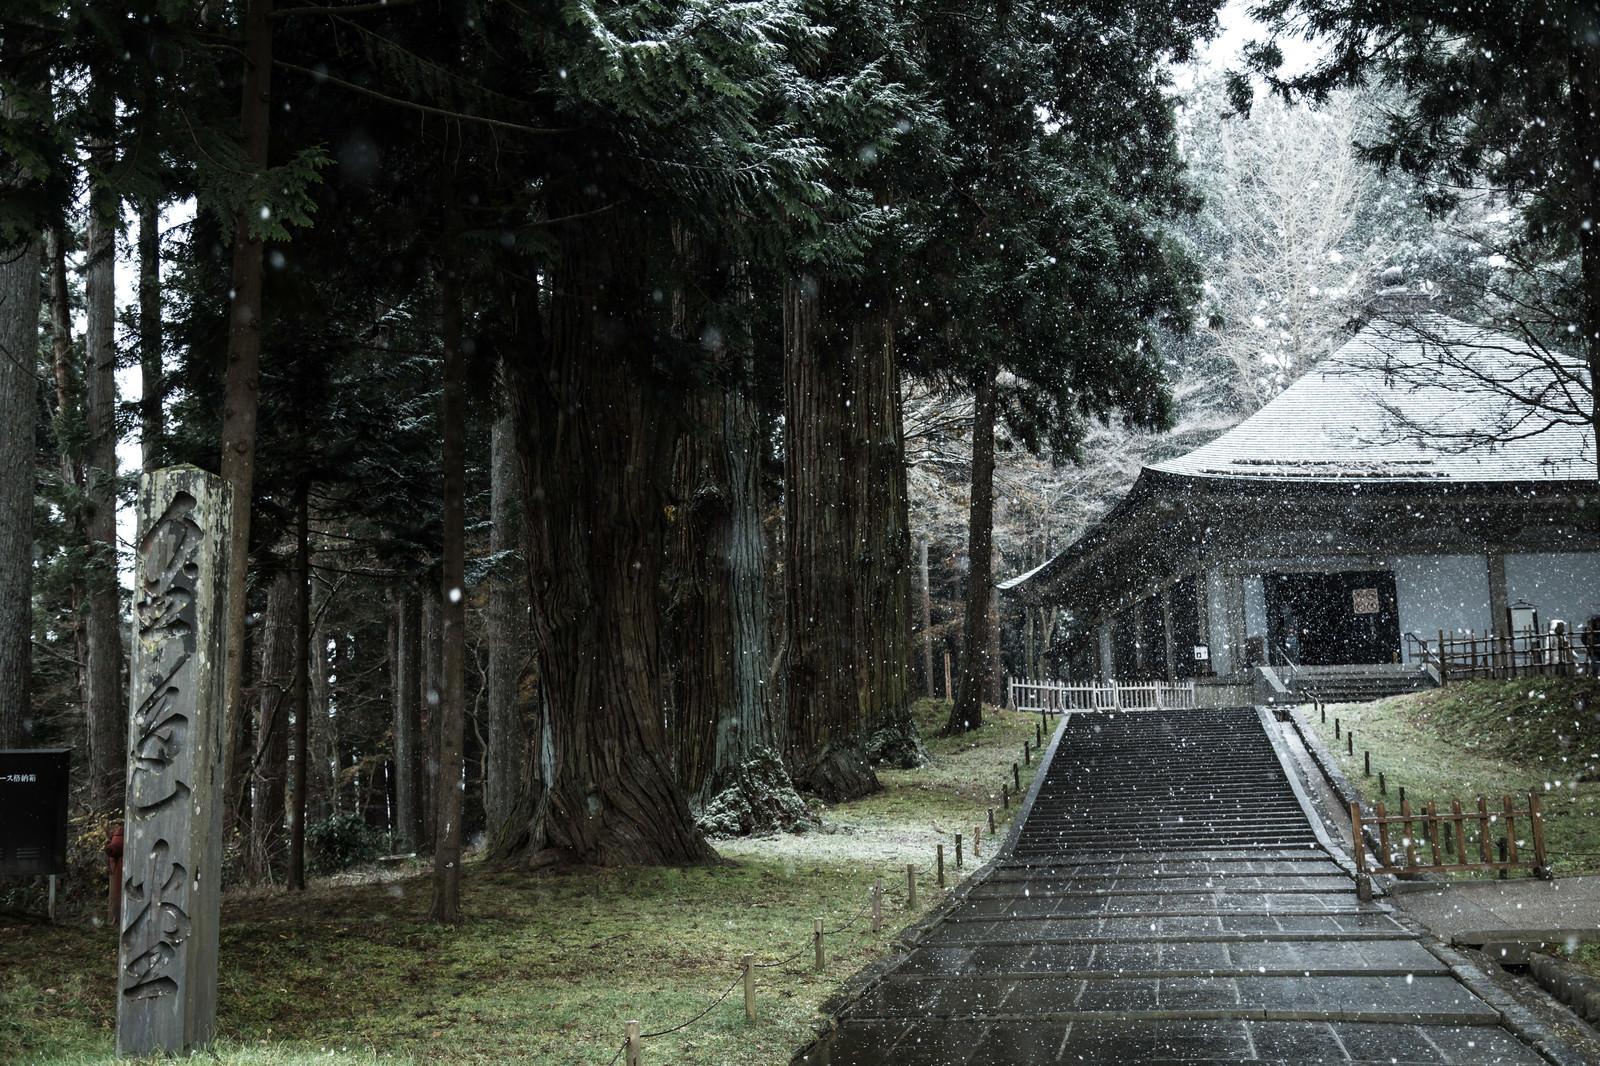 「雪に包まれる中尊寺金色堂前雪に包まれる中尊寺金色堂前」のフリー写真素材を拡大